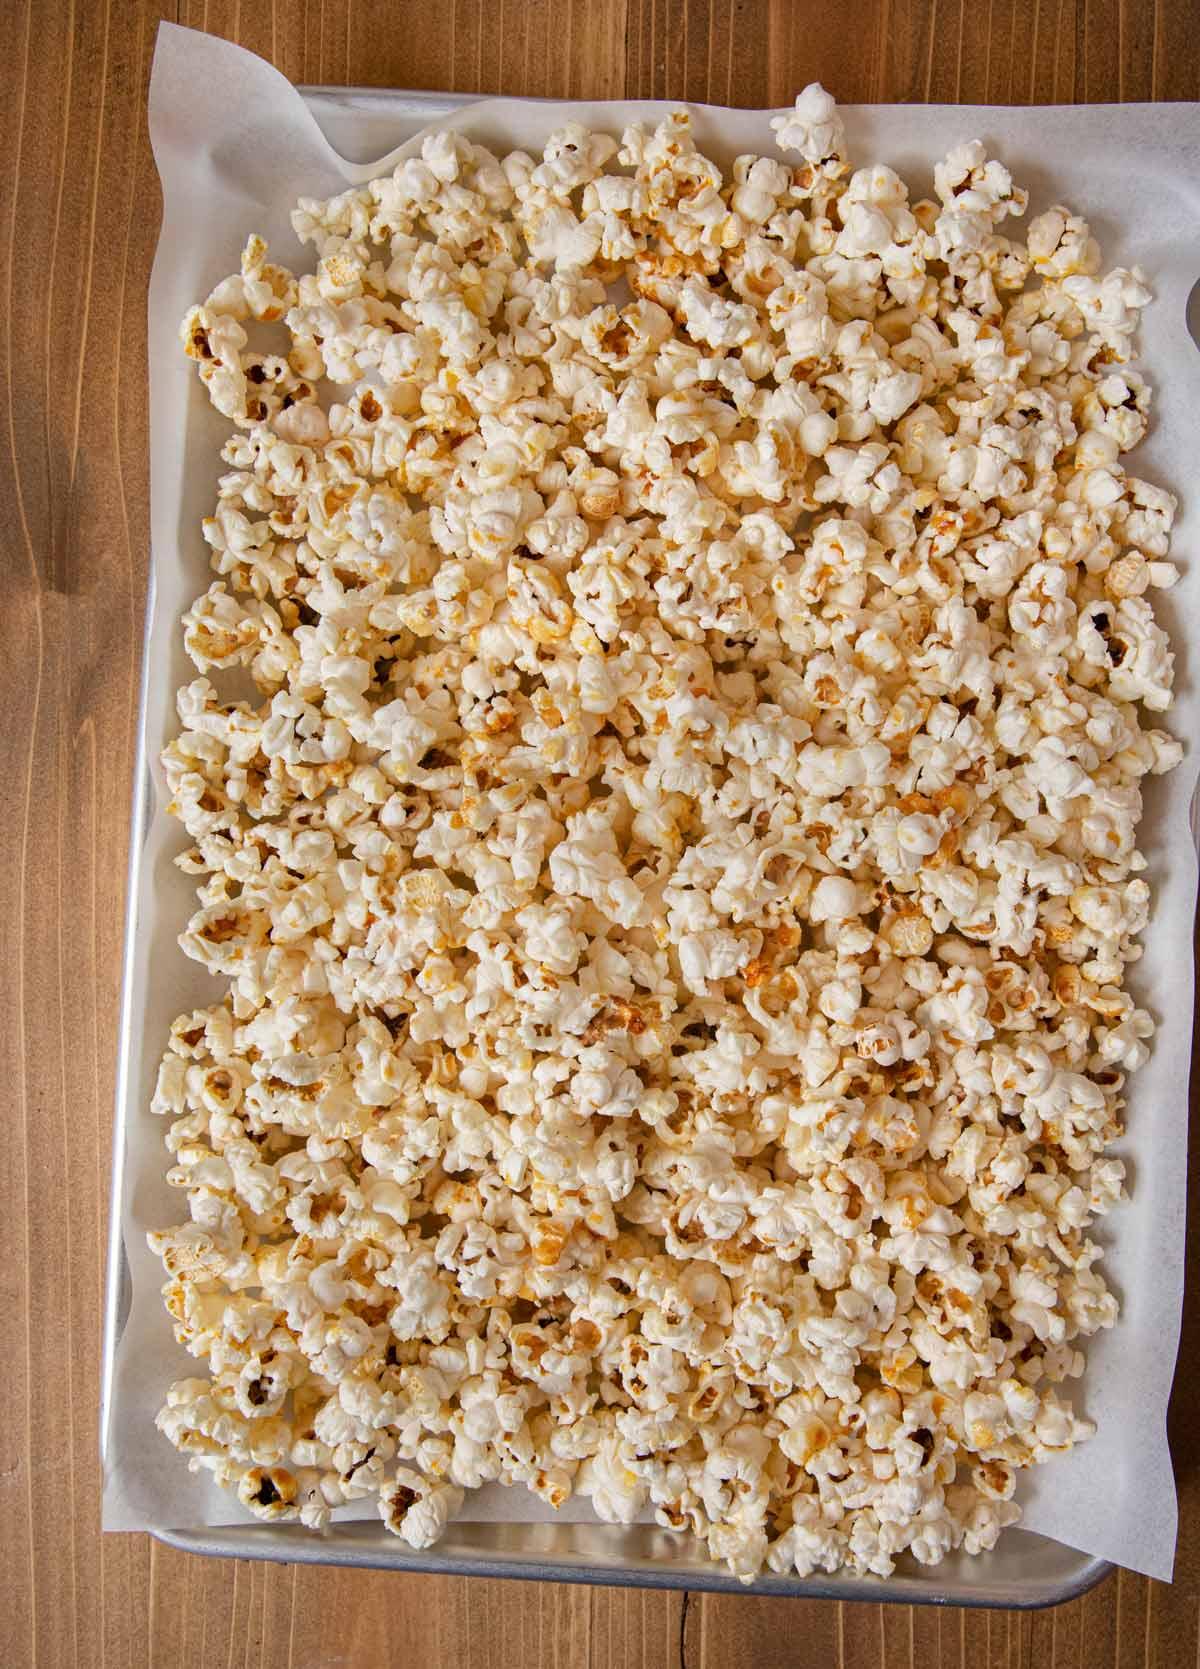 Kettle Corn spread out on baking sheet